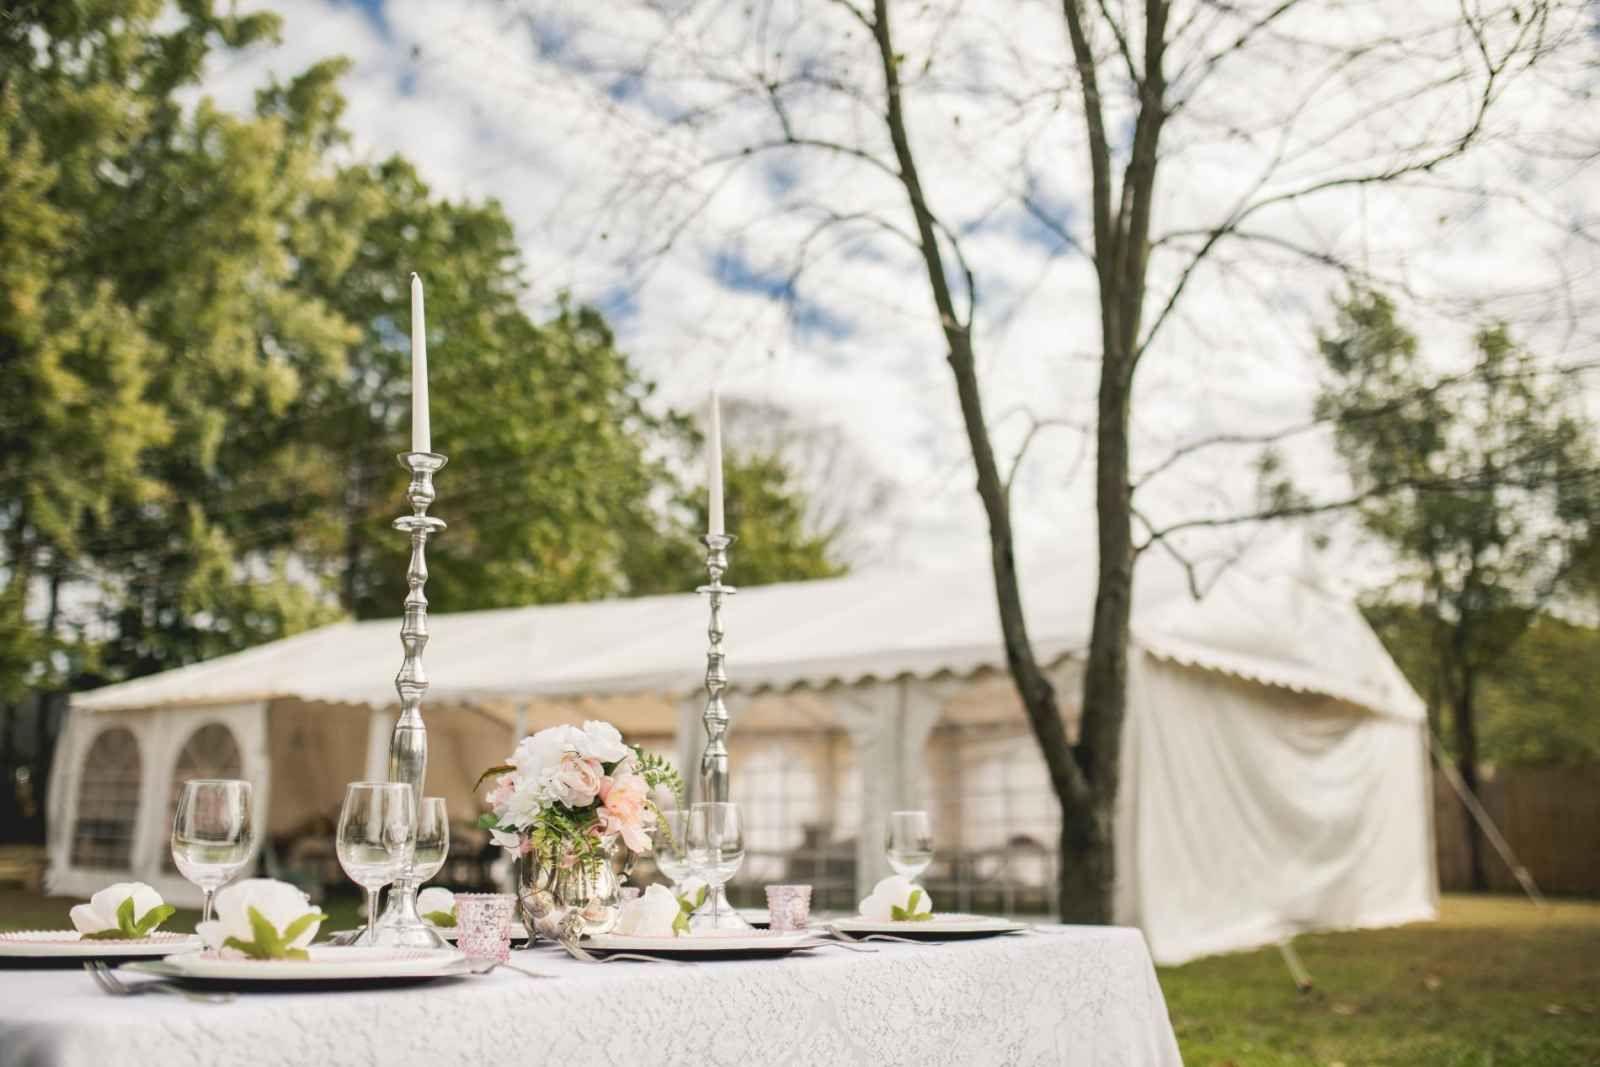 Country outdoor Michigan wedding venue - WeddingDay Exclusive Style ...